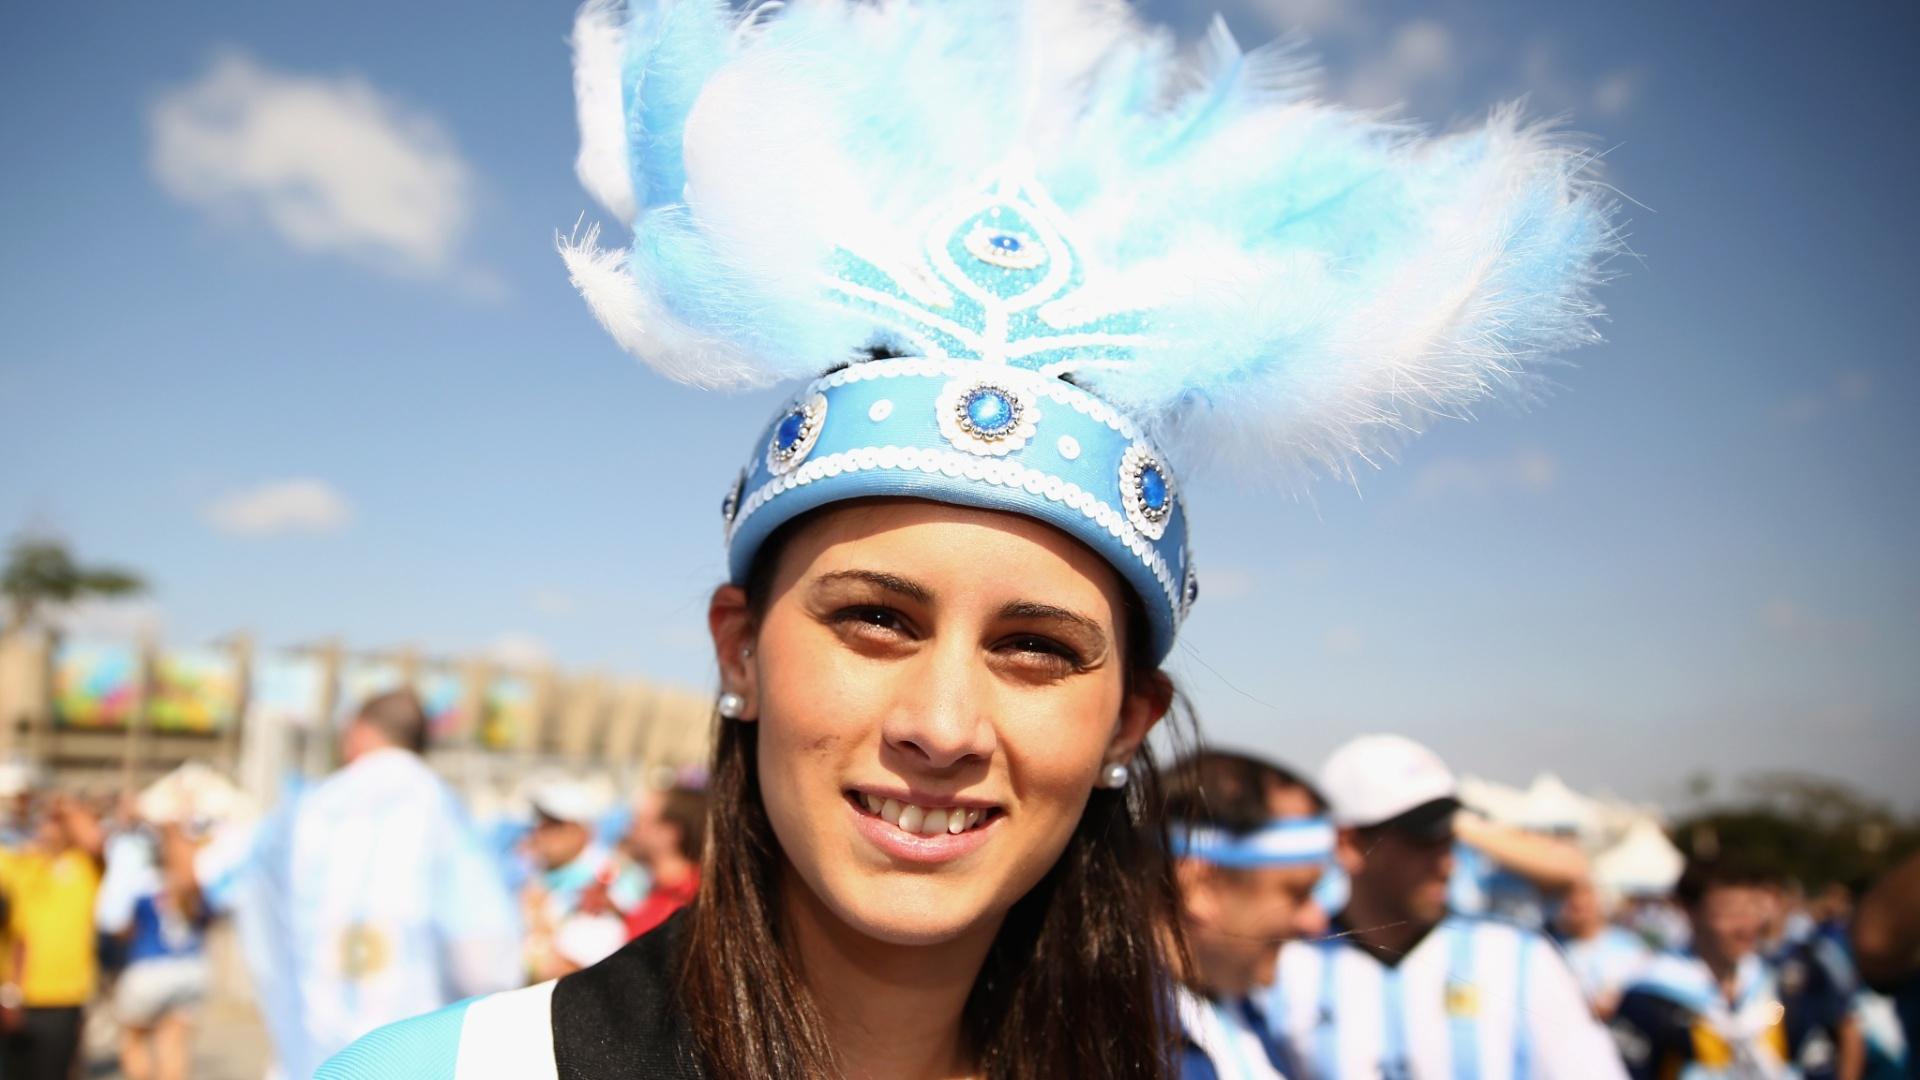 Torcedora argentina usa penas na cabeça como adereço para torcer no Mineirão